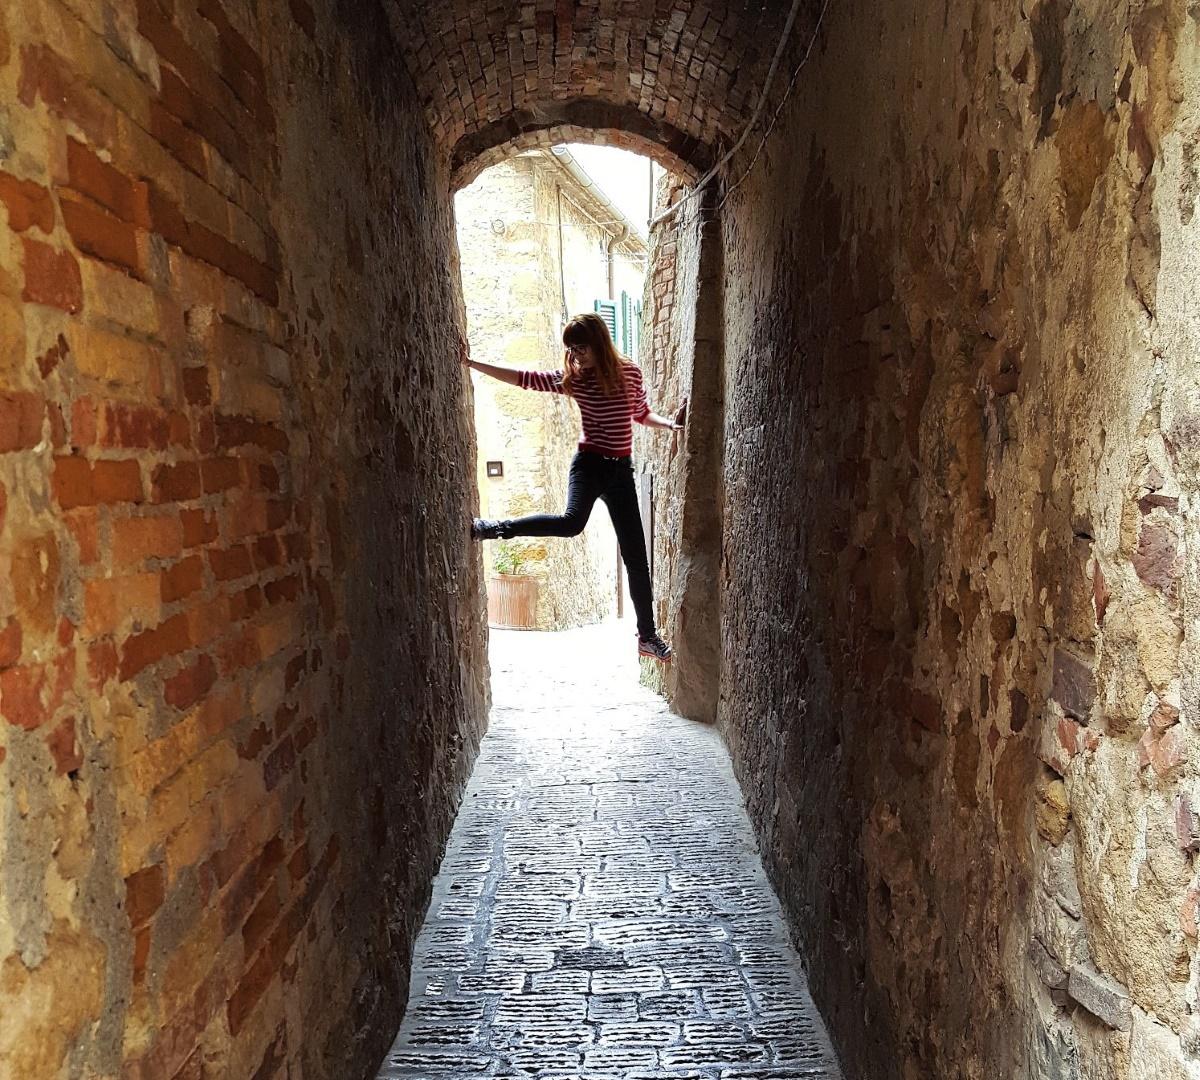 Пьенца. Италия. Очень узкая улица.